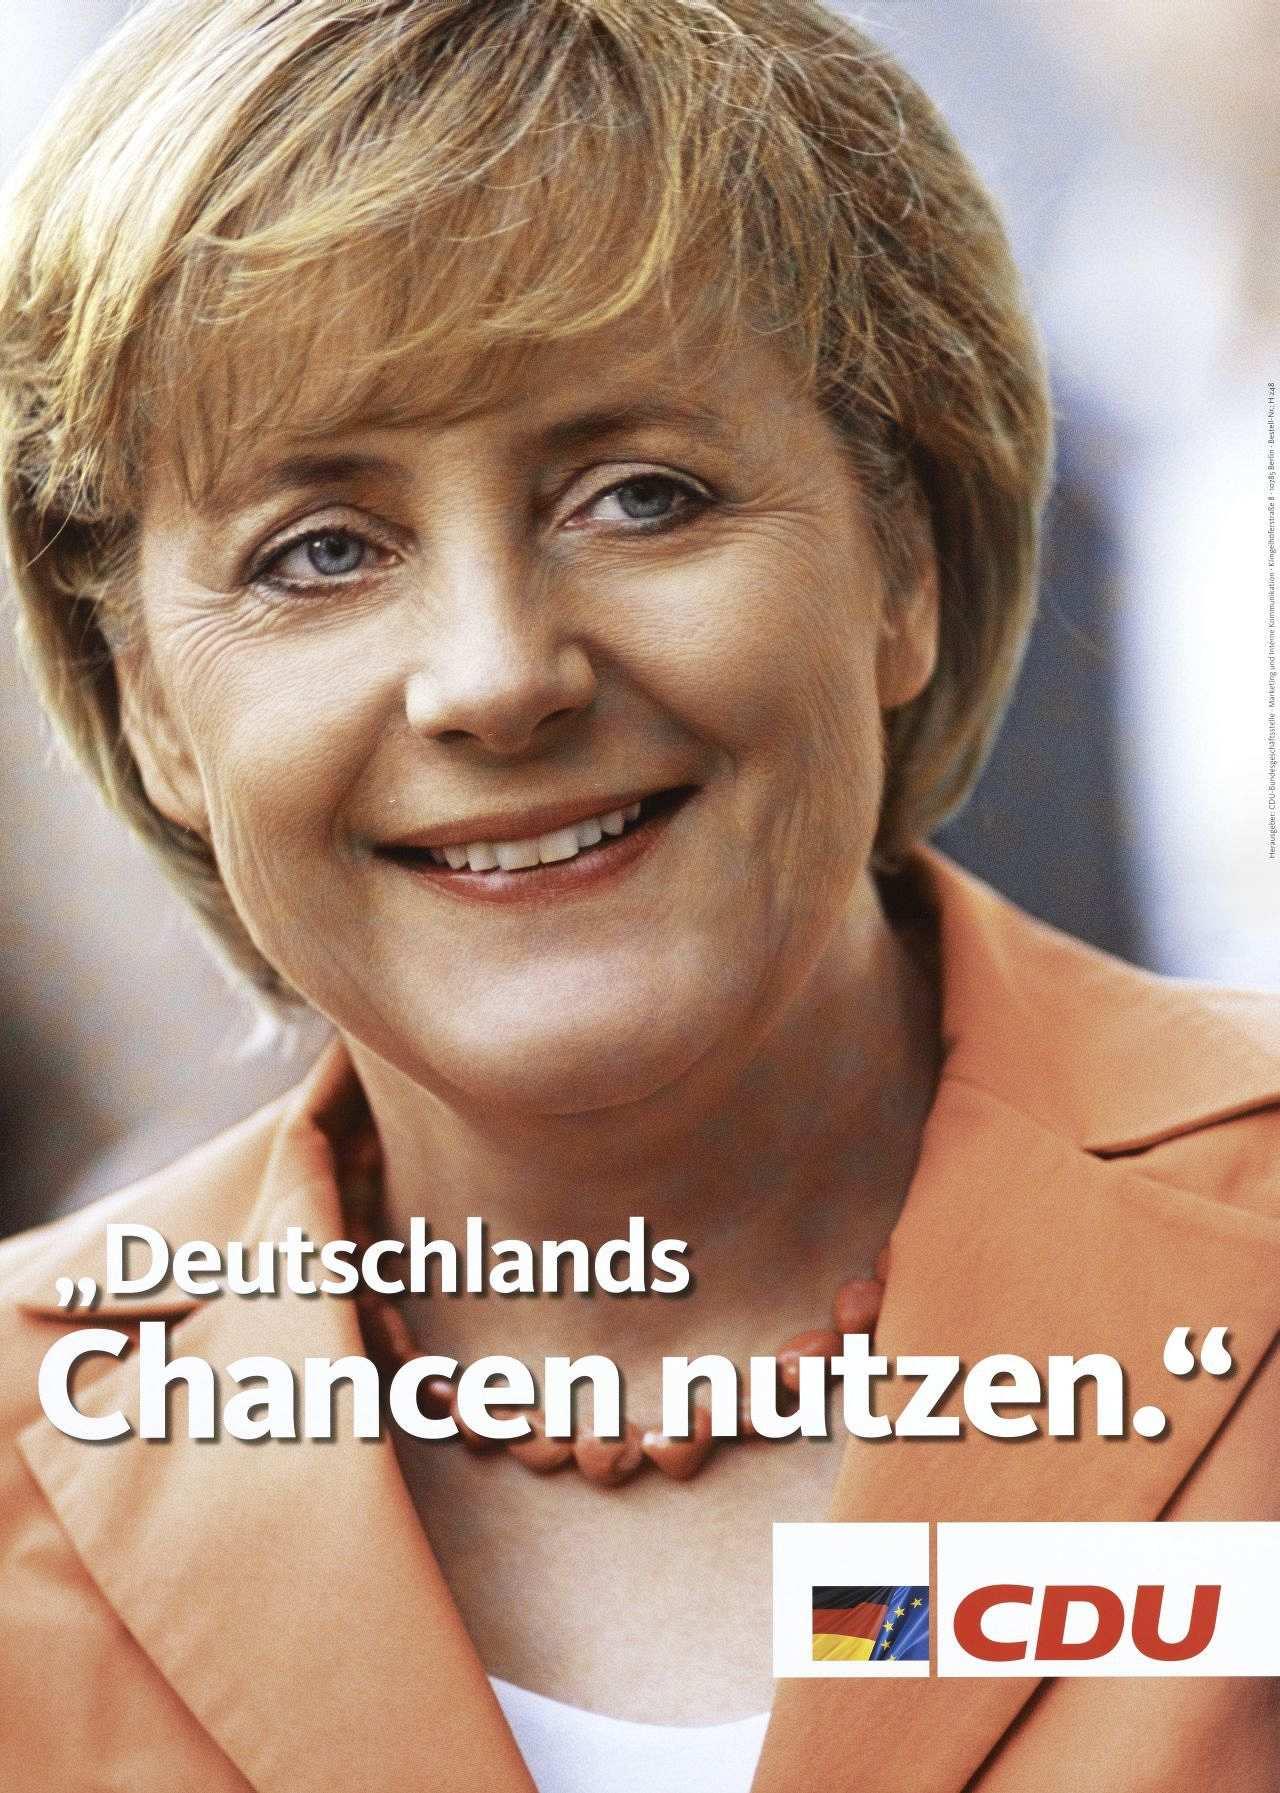 wahlplakat der cdu zur bundestagswahl 2005 mit kanzlerkandidatin angela merkel und dem slogan - Ulrich Merkel Lebenslauf